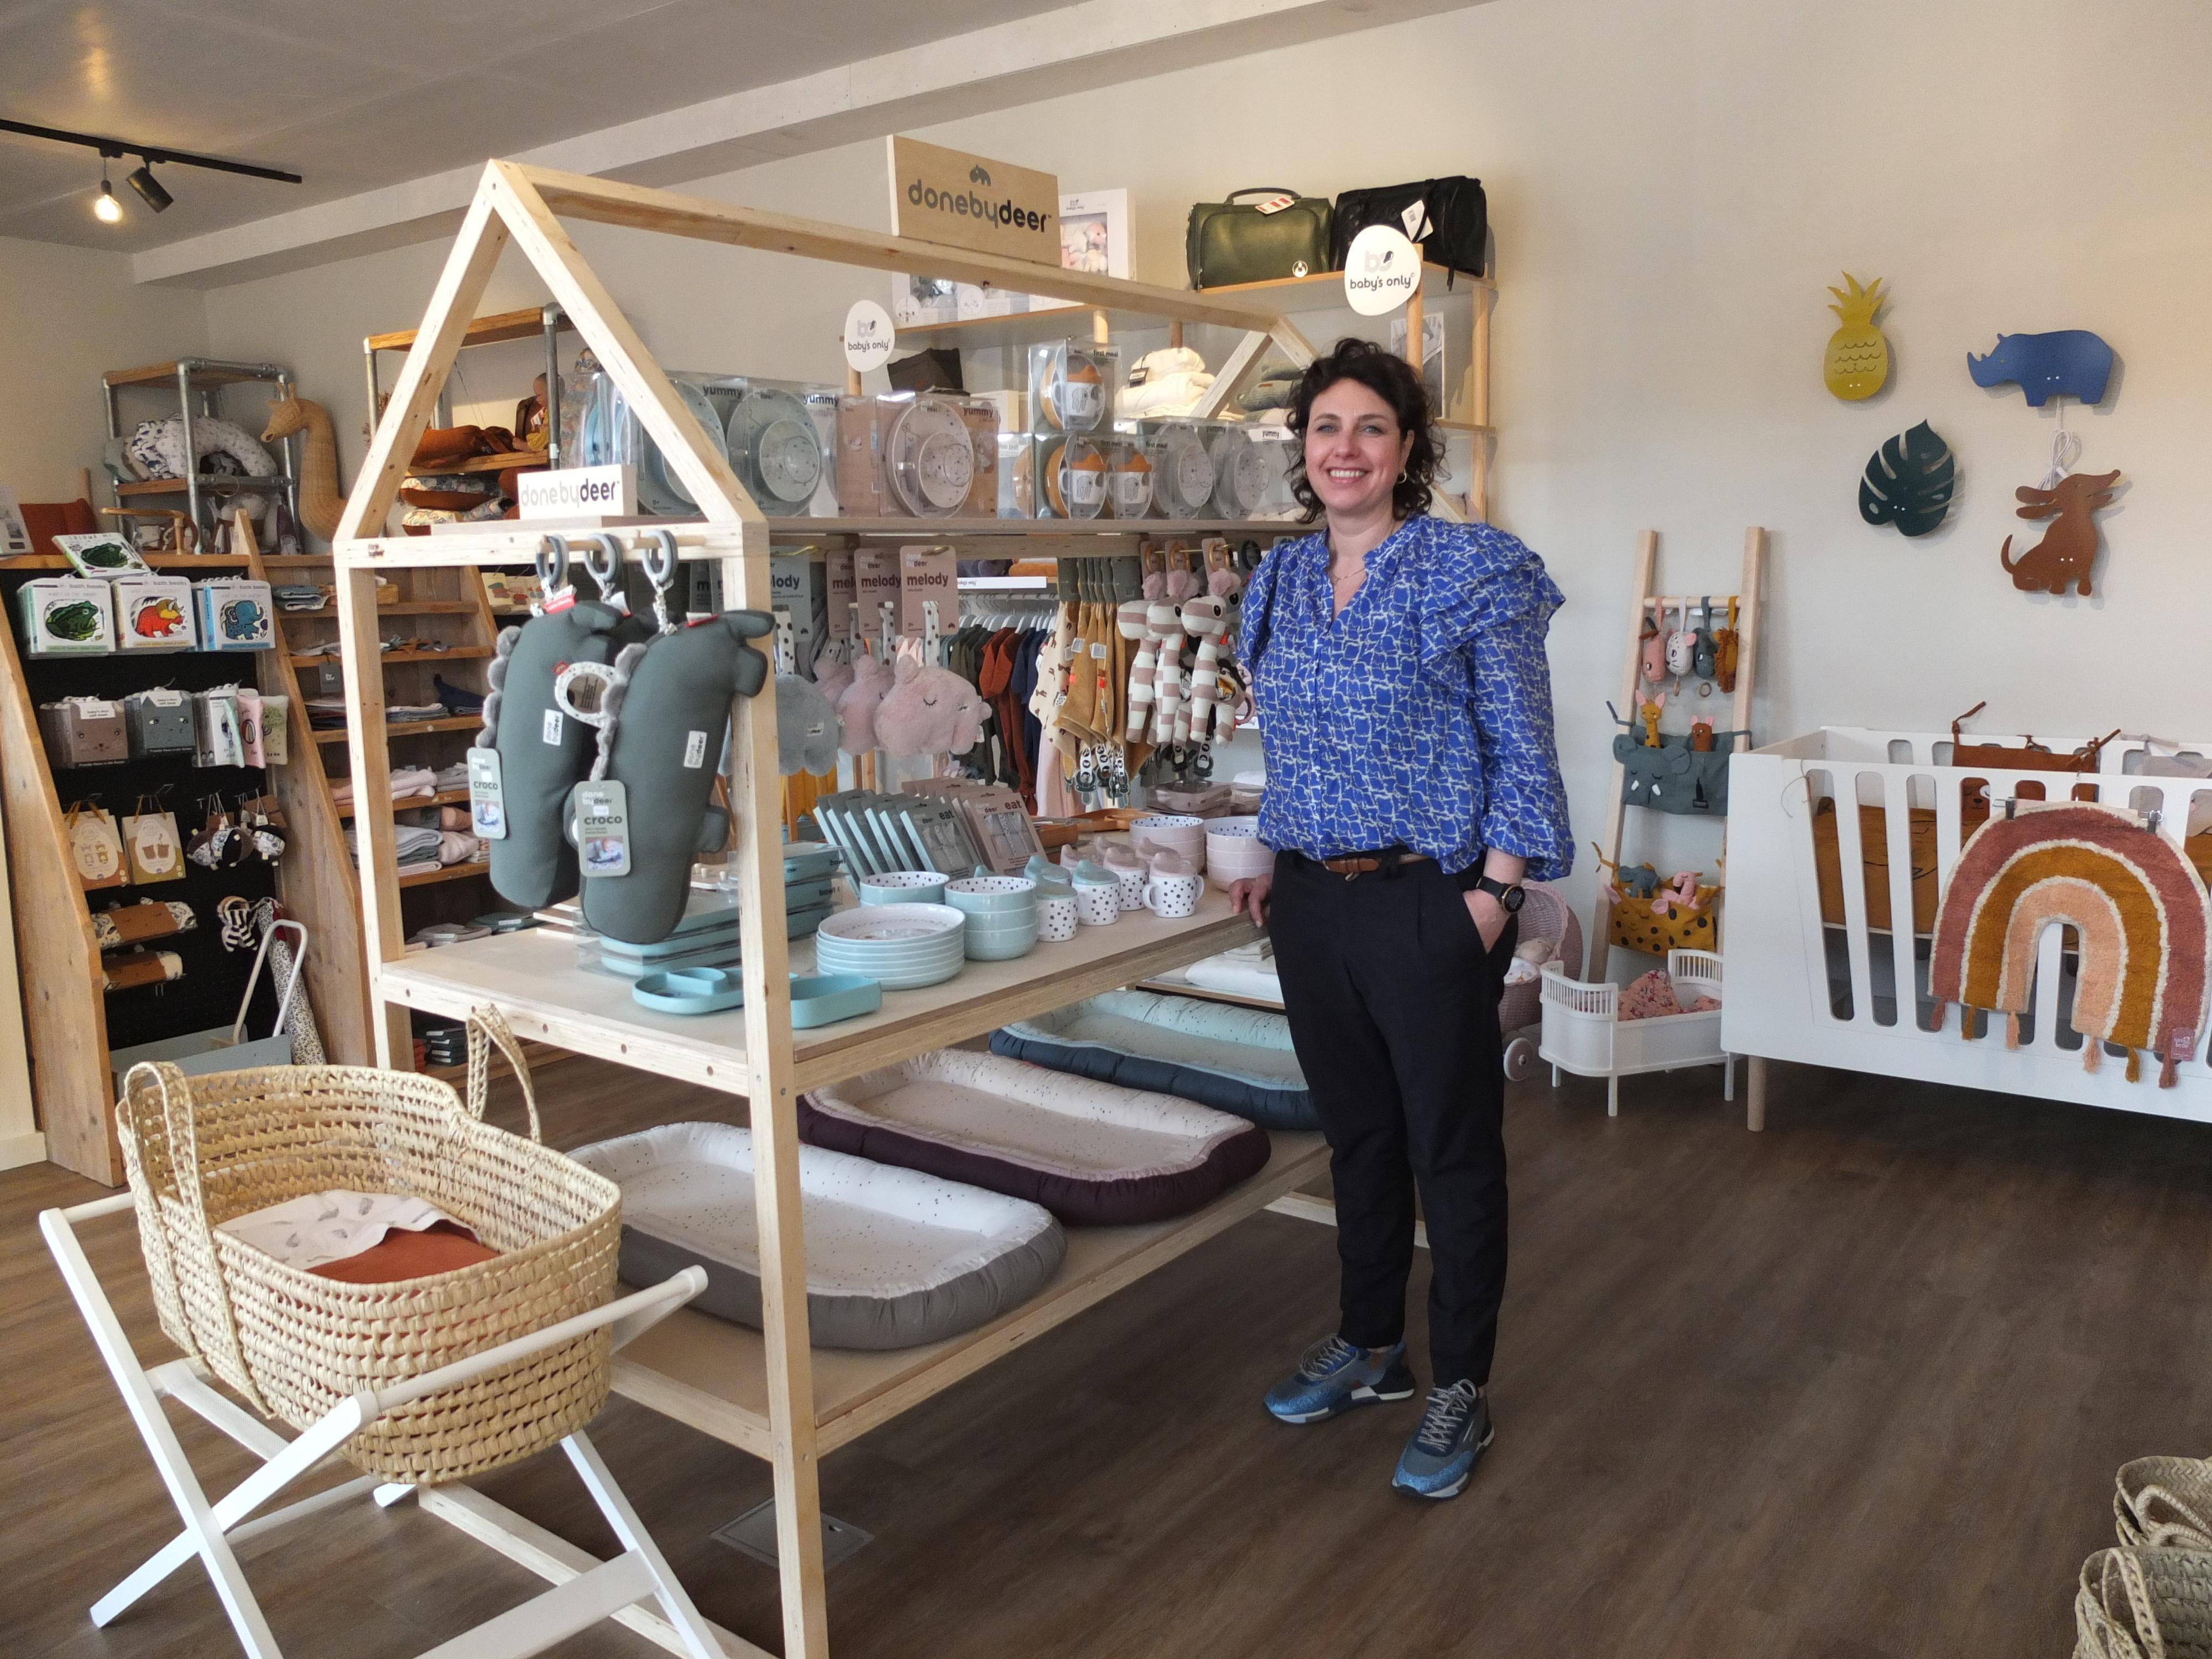 Katwijkse Ellen Schut begint naast stoffenhuis tweede winkel met babyspullen: 'We merkten dat er veel vraag naar was'